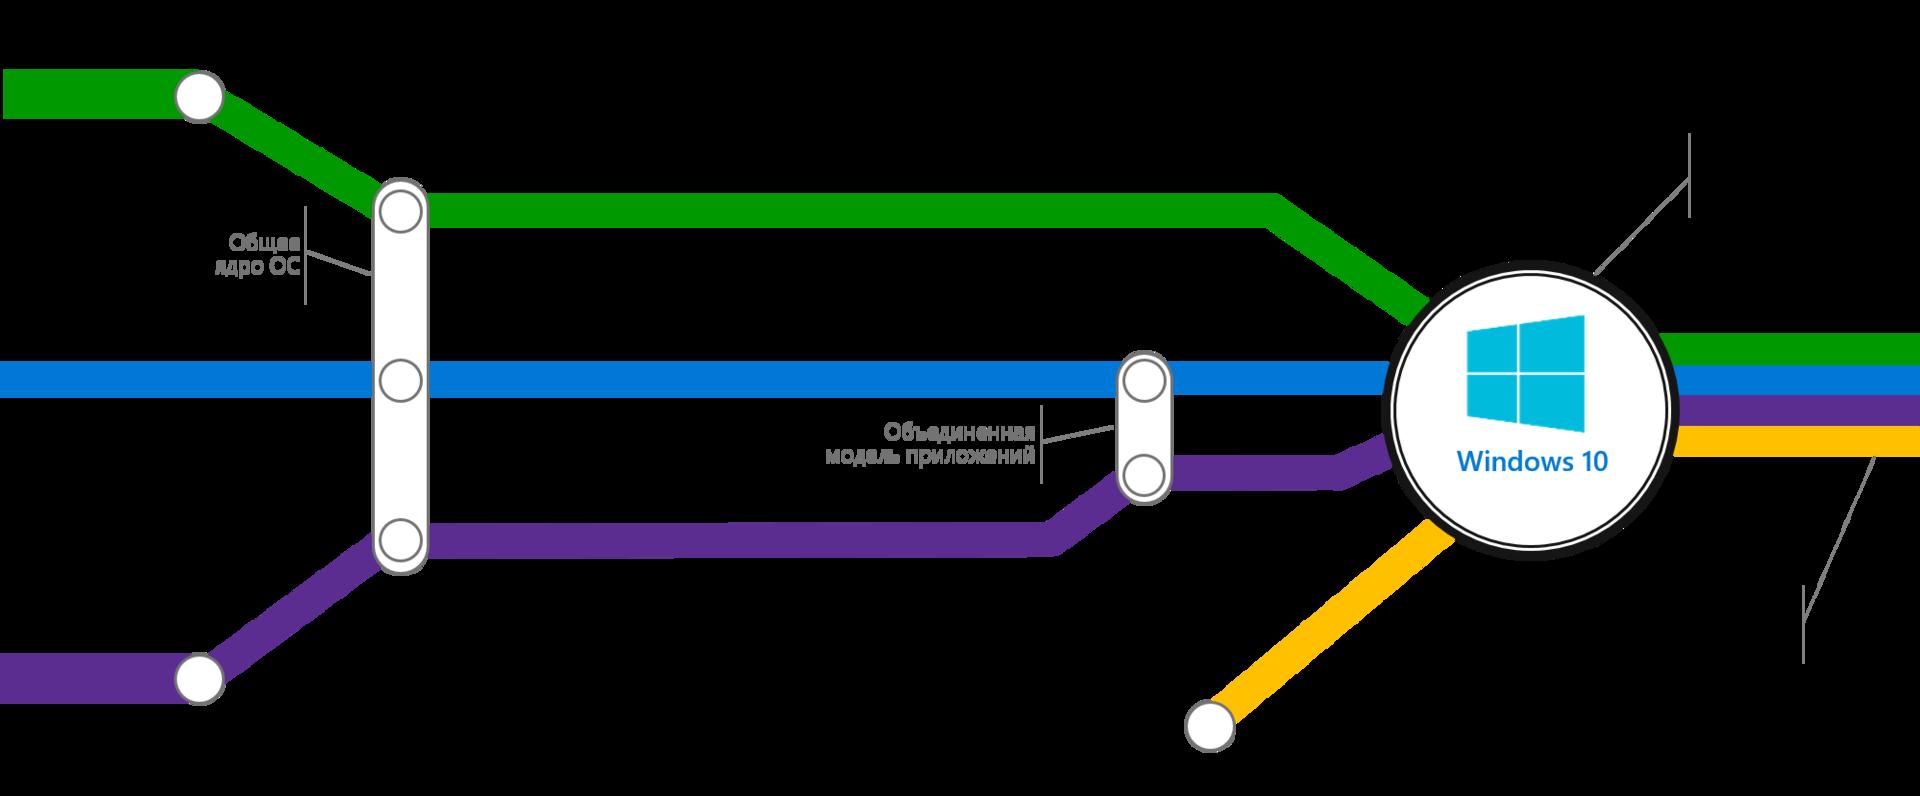 Рис. 1. Экосистема Windows 10